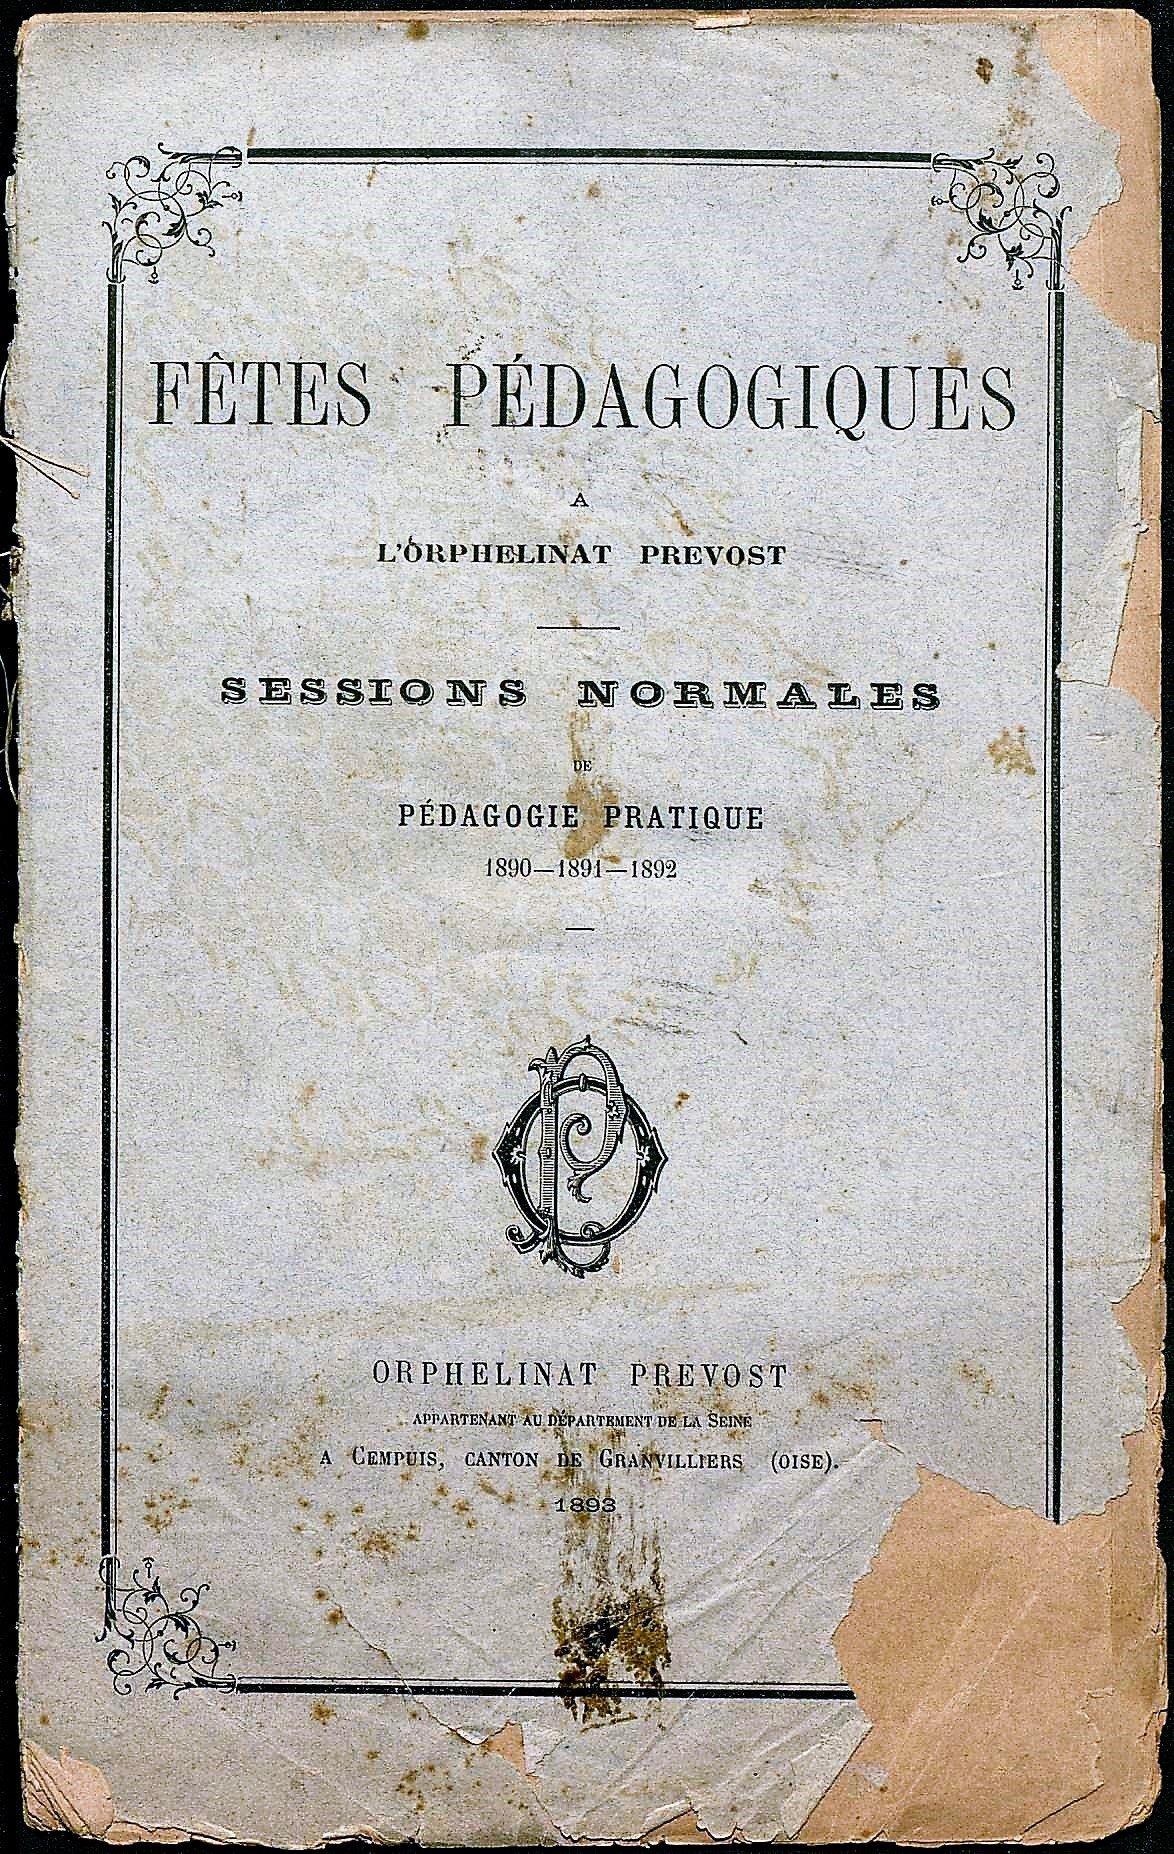 Fêtes pédagogiques a l'Orphelinat Prevost. Sessions normales de pédagogie pratique 1890 - 1891-1892